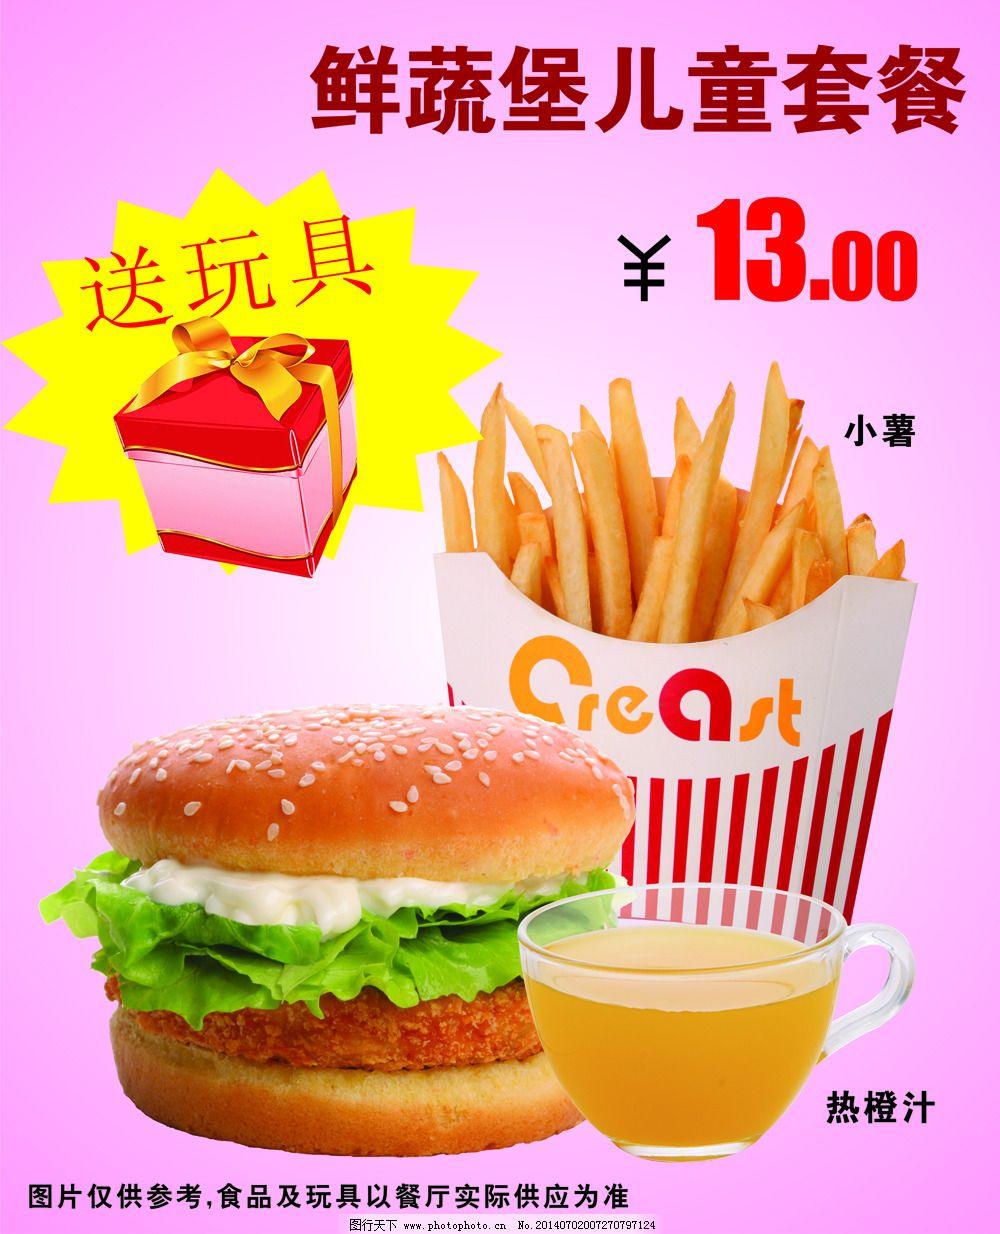 快餐店儿童套餐送礼品_宣传单彩页_海报设计_图行天下